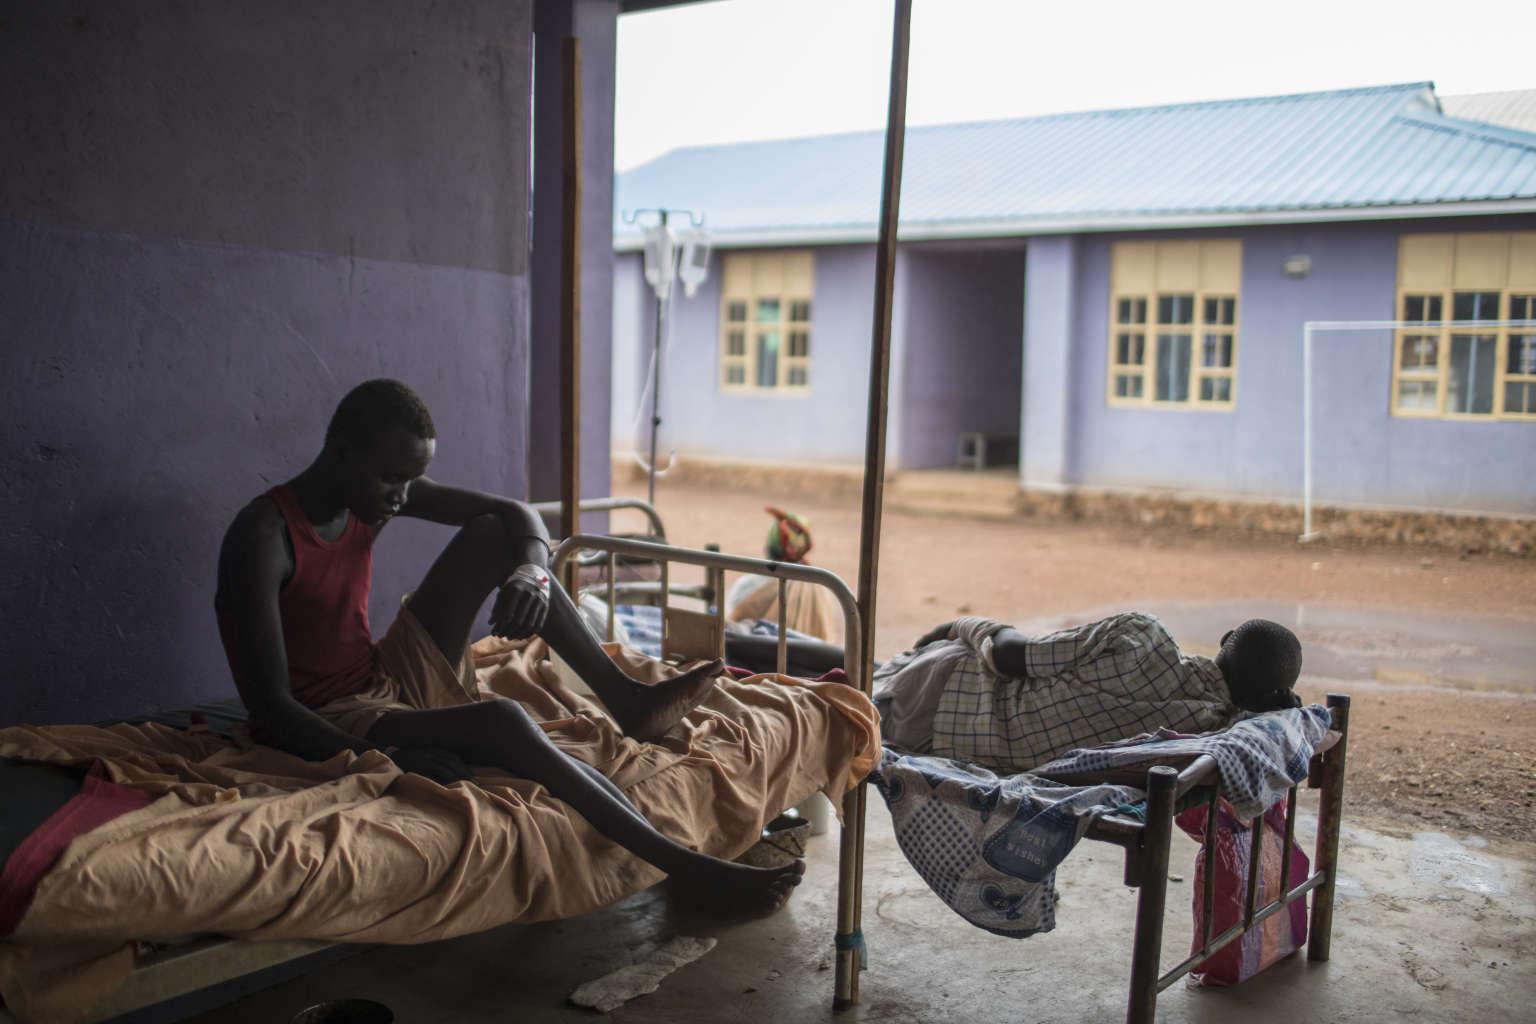 L'hôpital de Bunj, au Soudan du Sud.